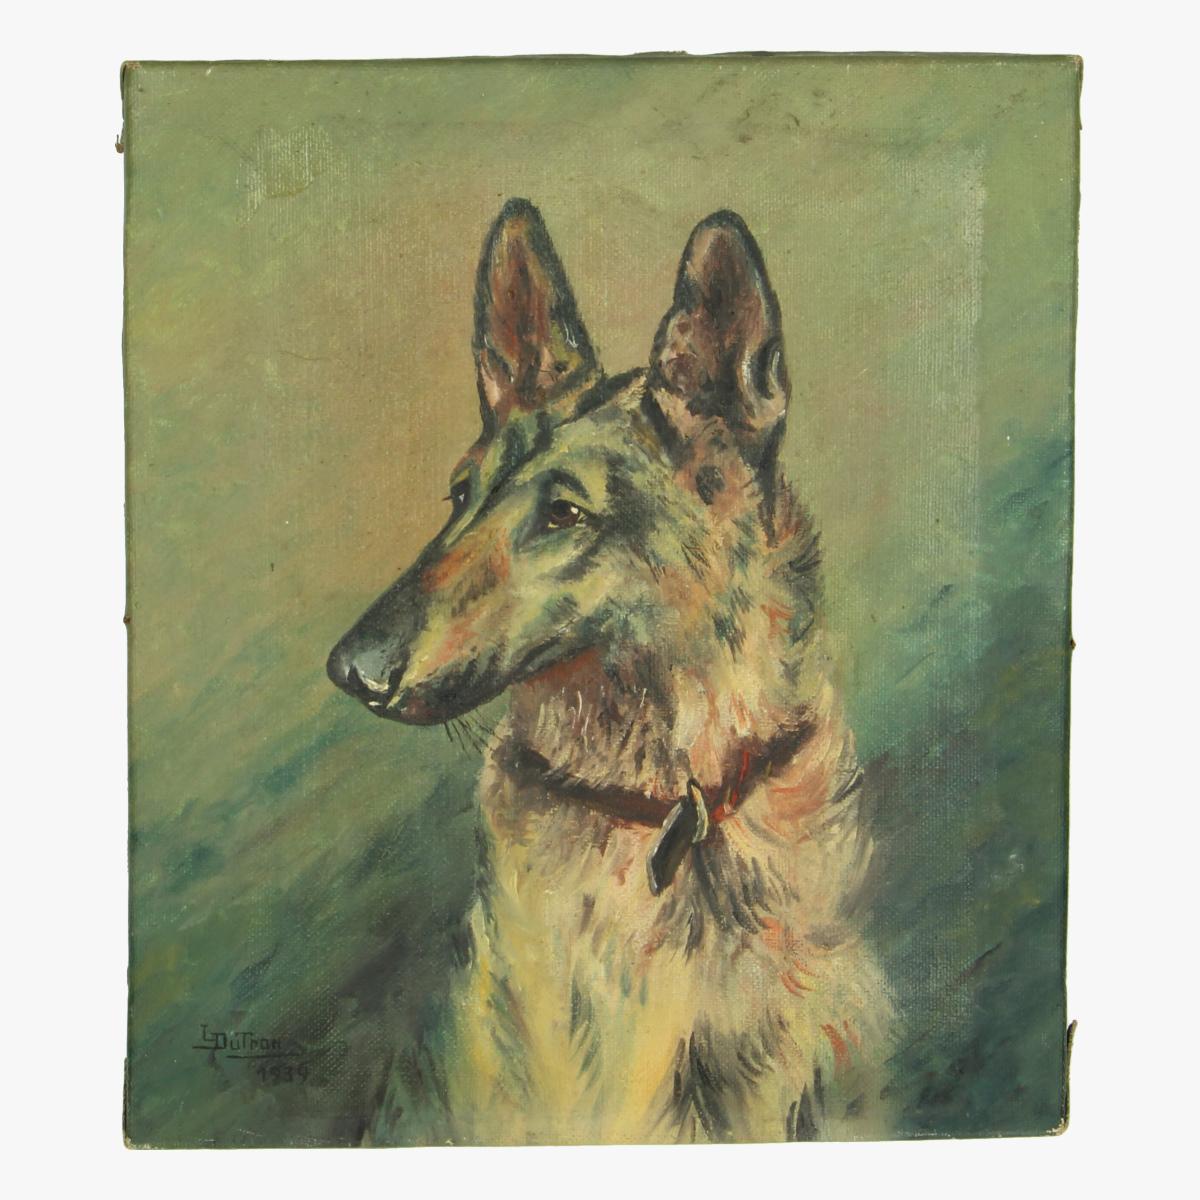 Afbeeldingen van Hond op doek L.Dutron 1939